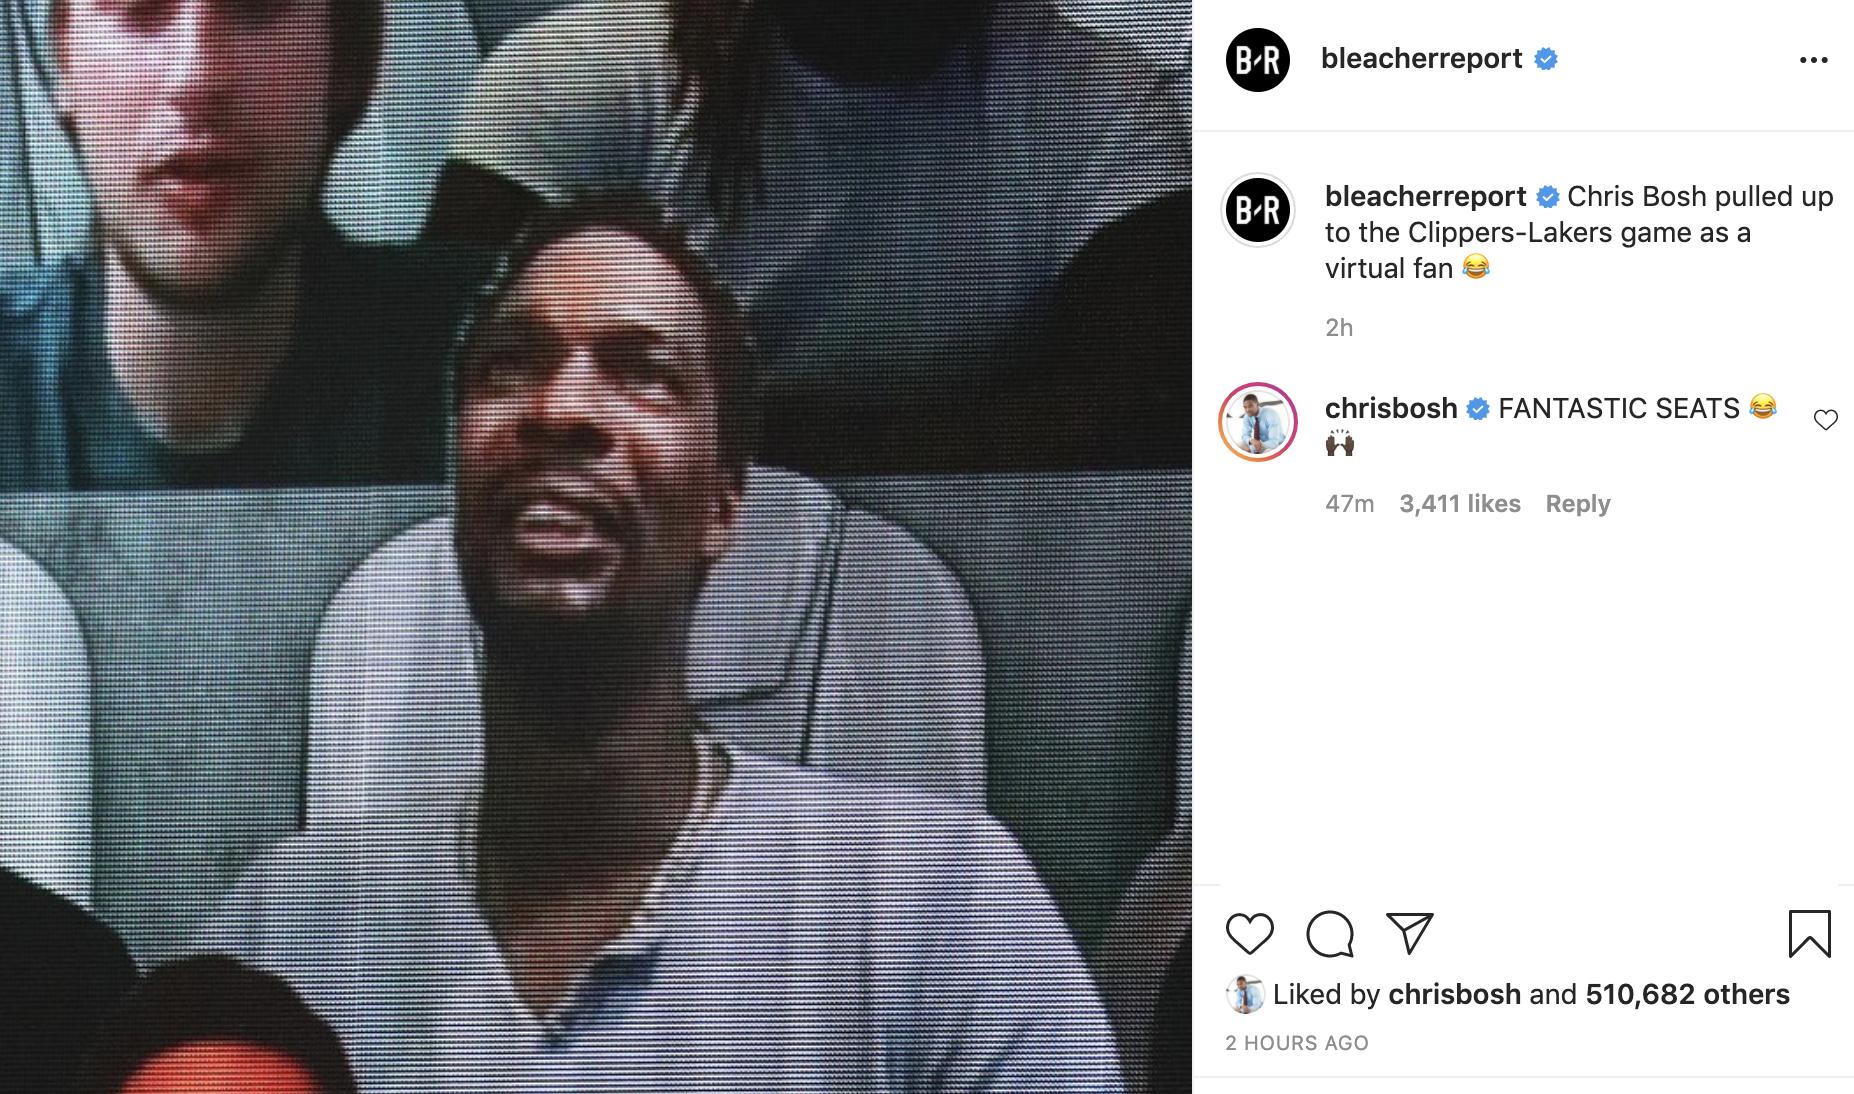 Крис Бош – о виртуальном посещении матч в Орландо: «Шикарные сиденья»